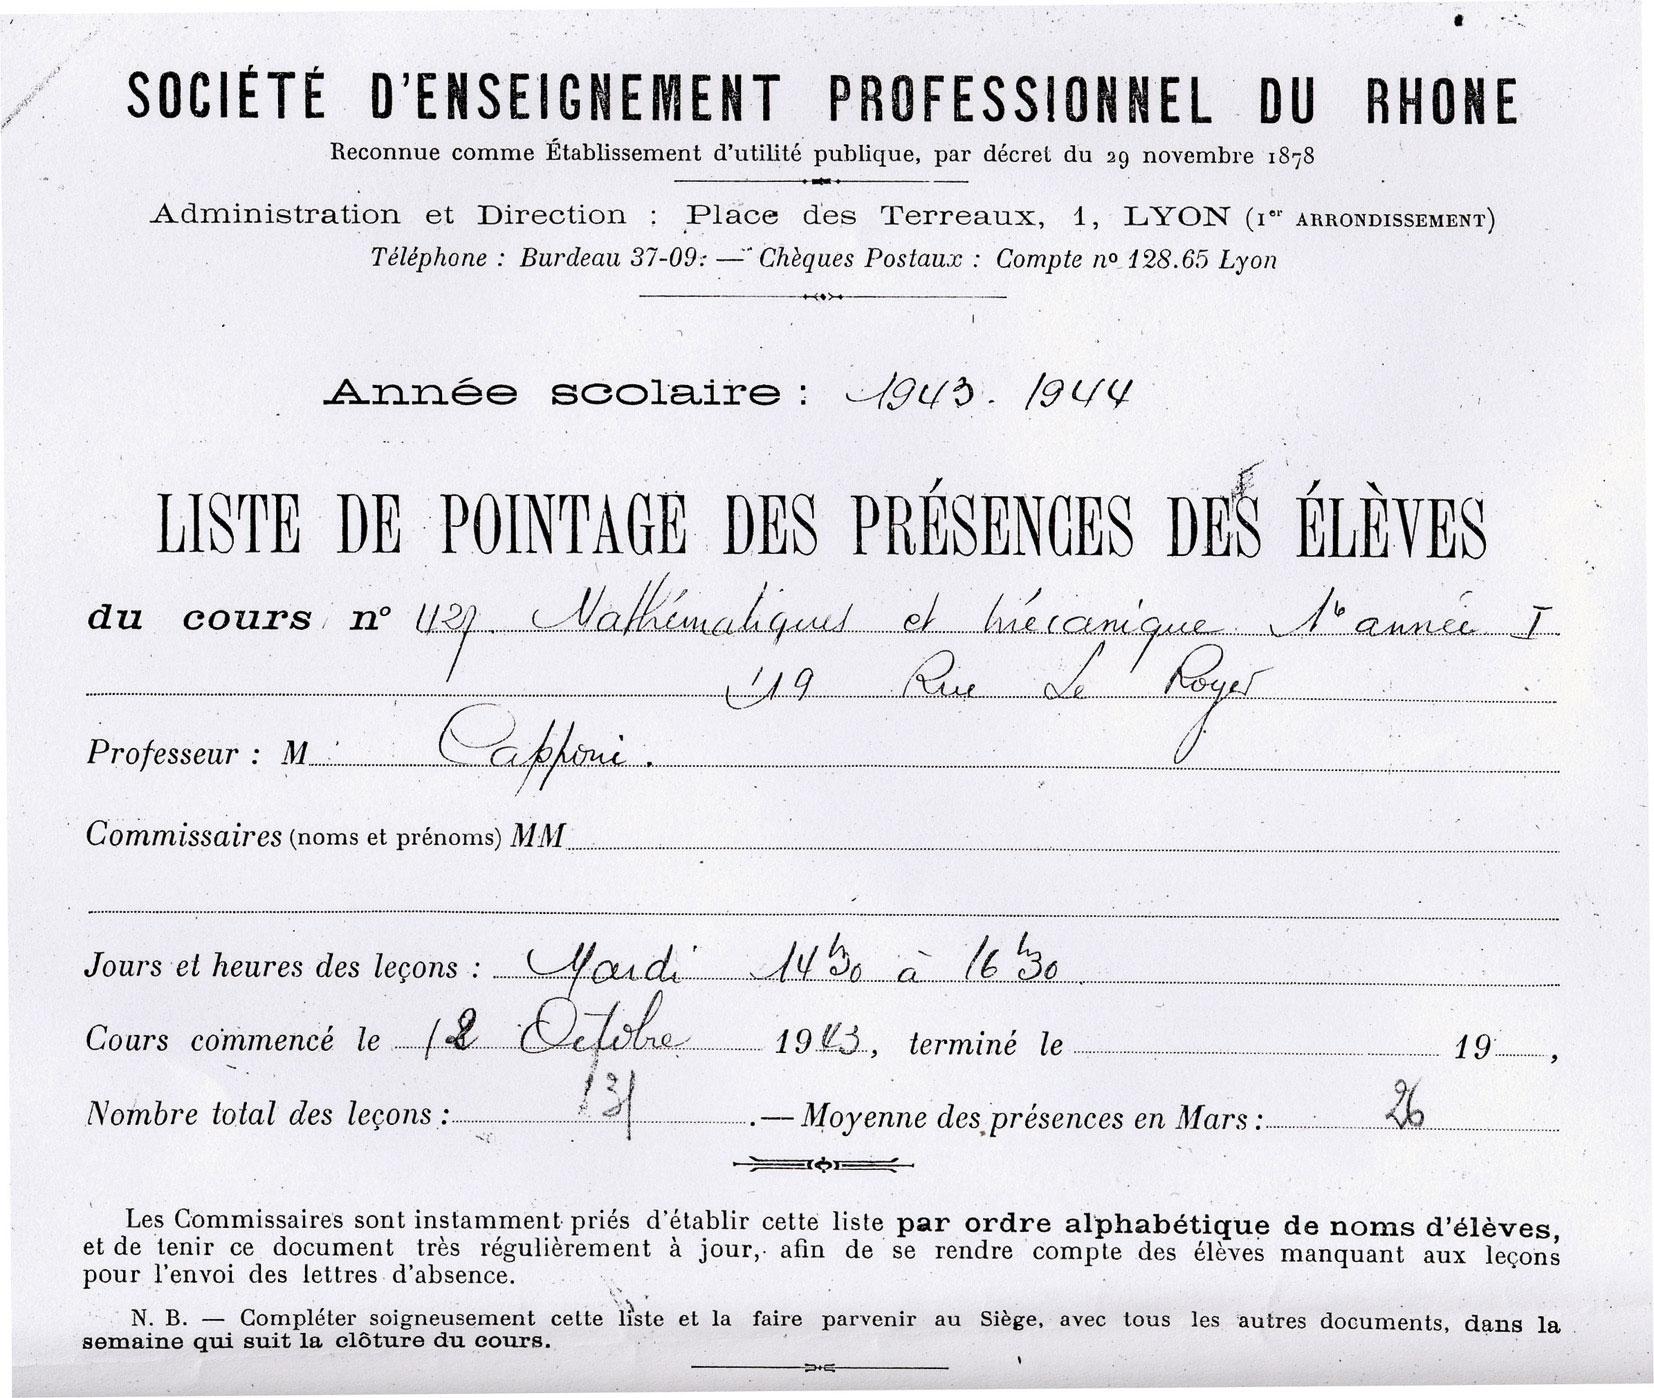 Document scolaire SEPR, Touitou, Saint-Fons